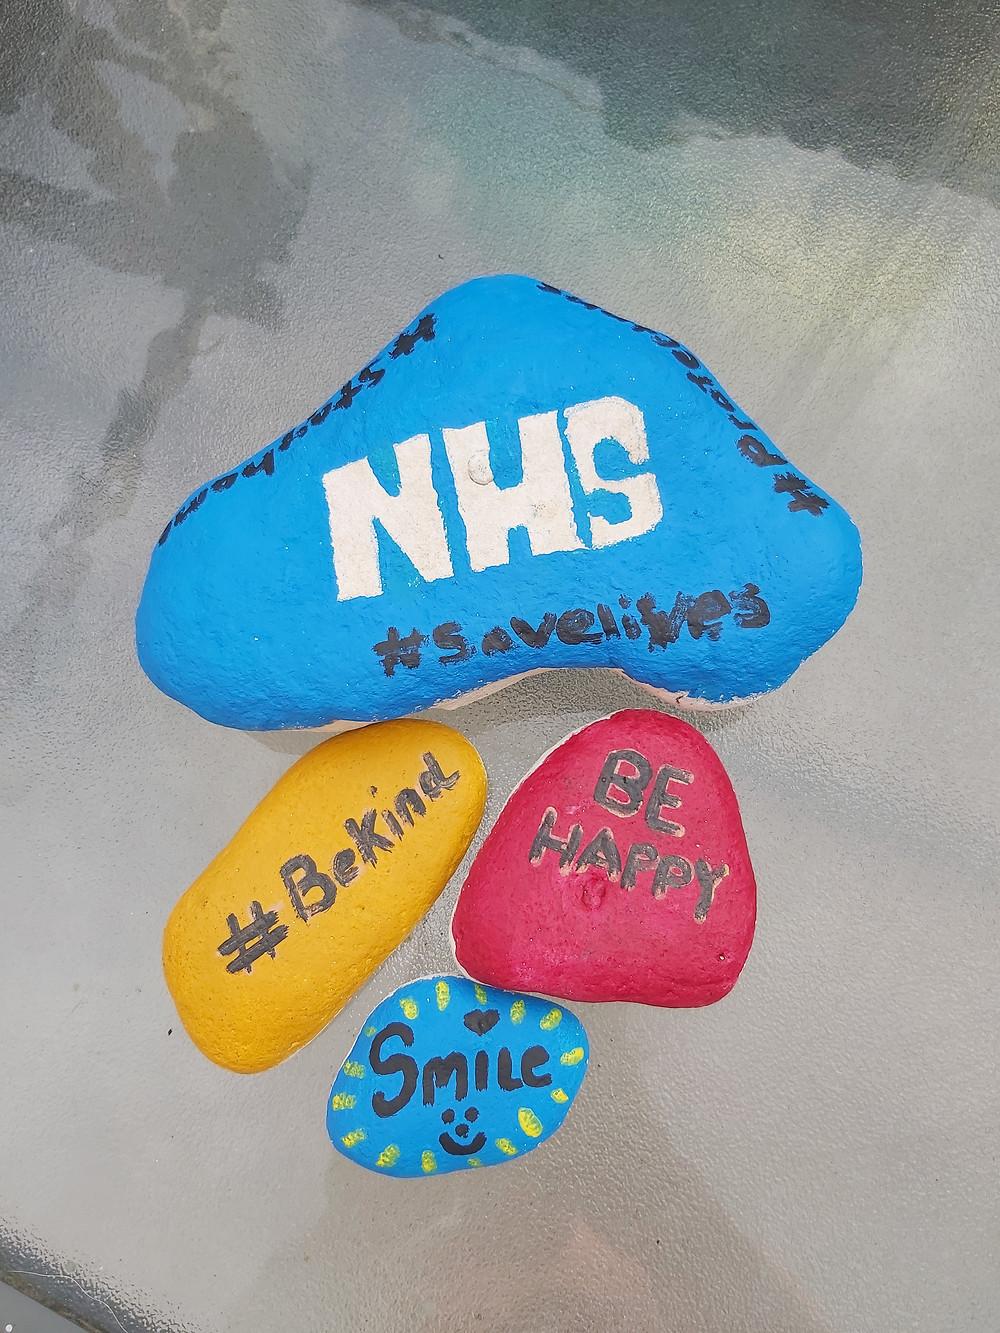 NHS Stones